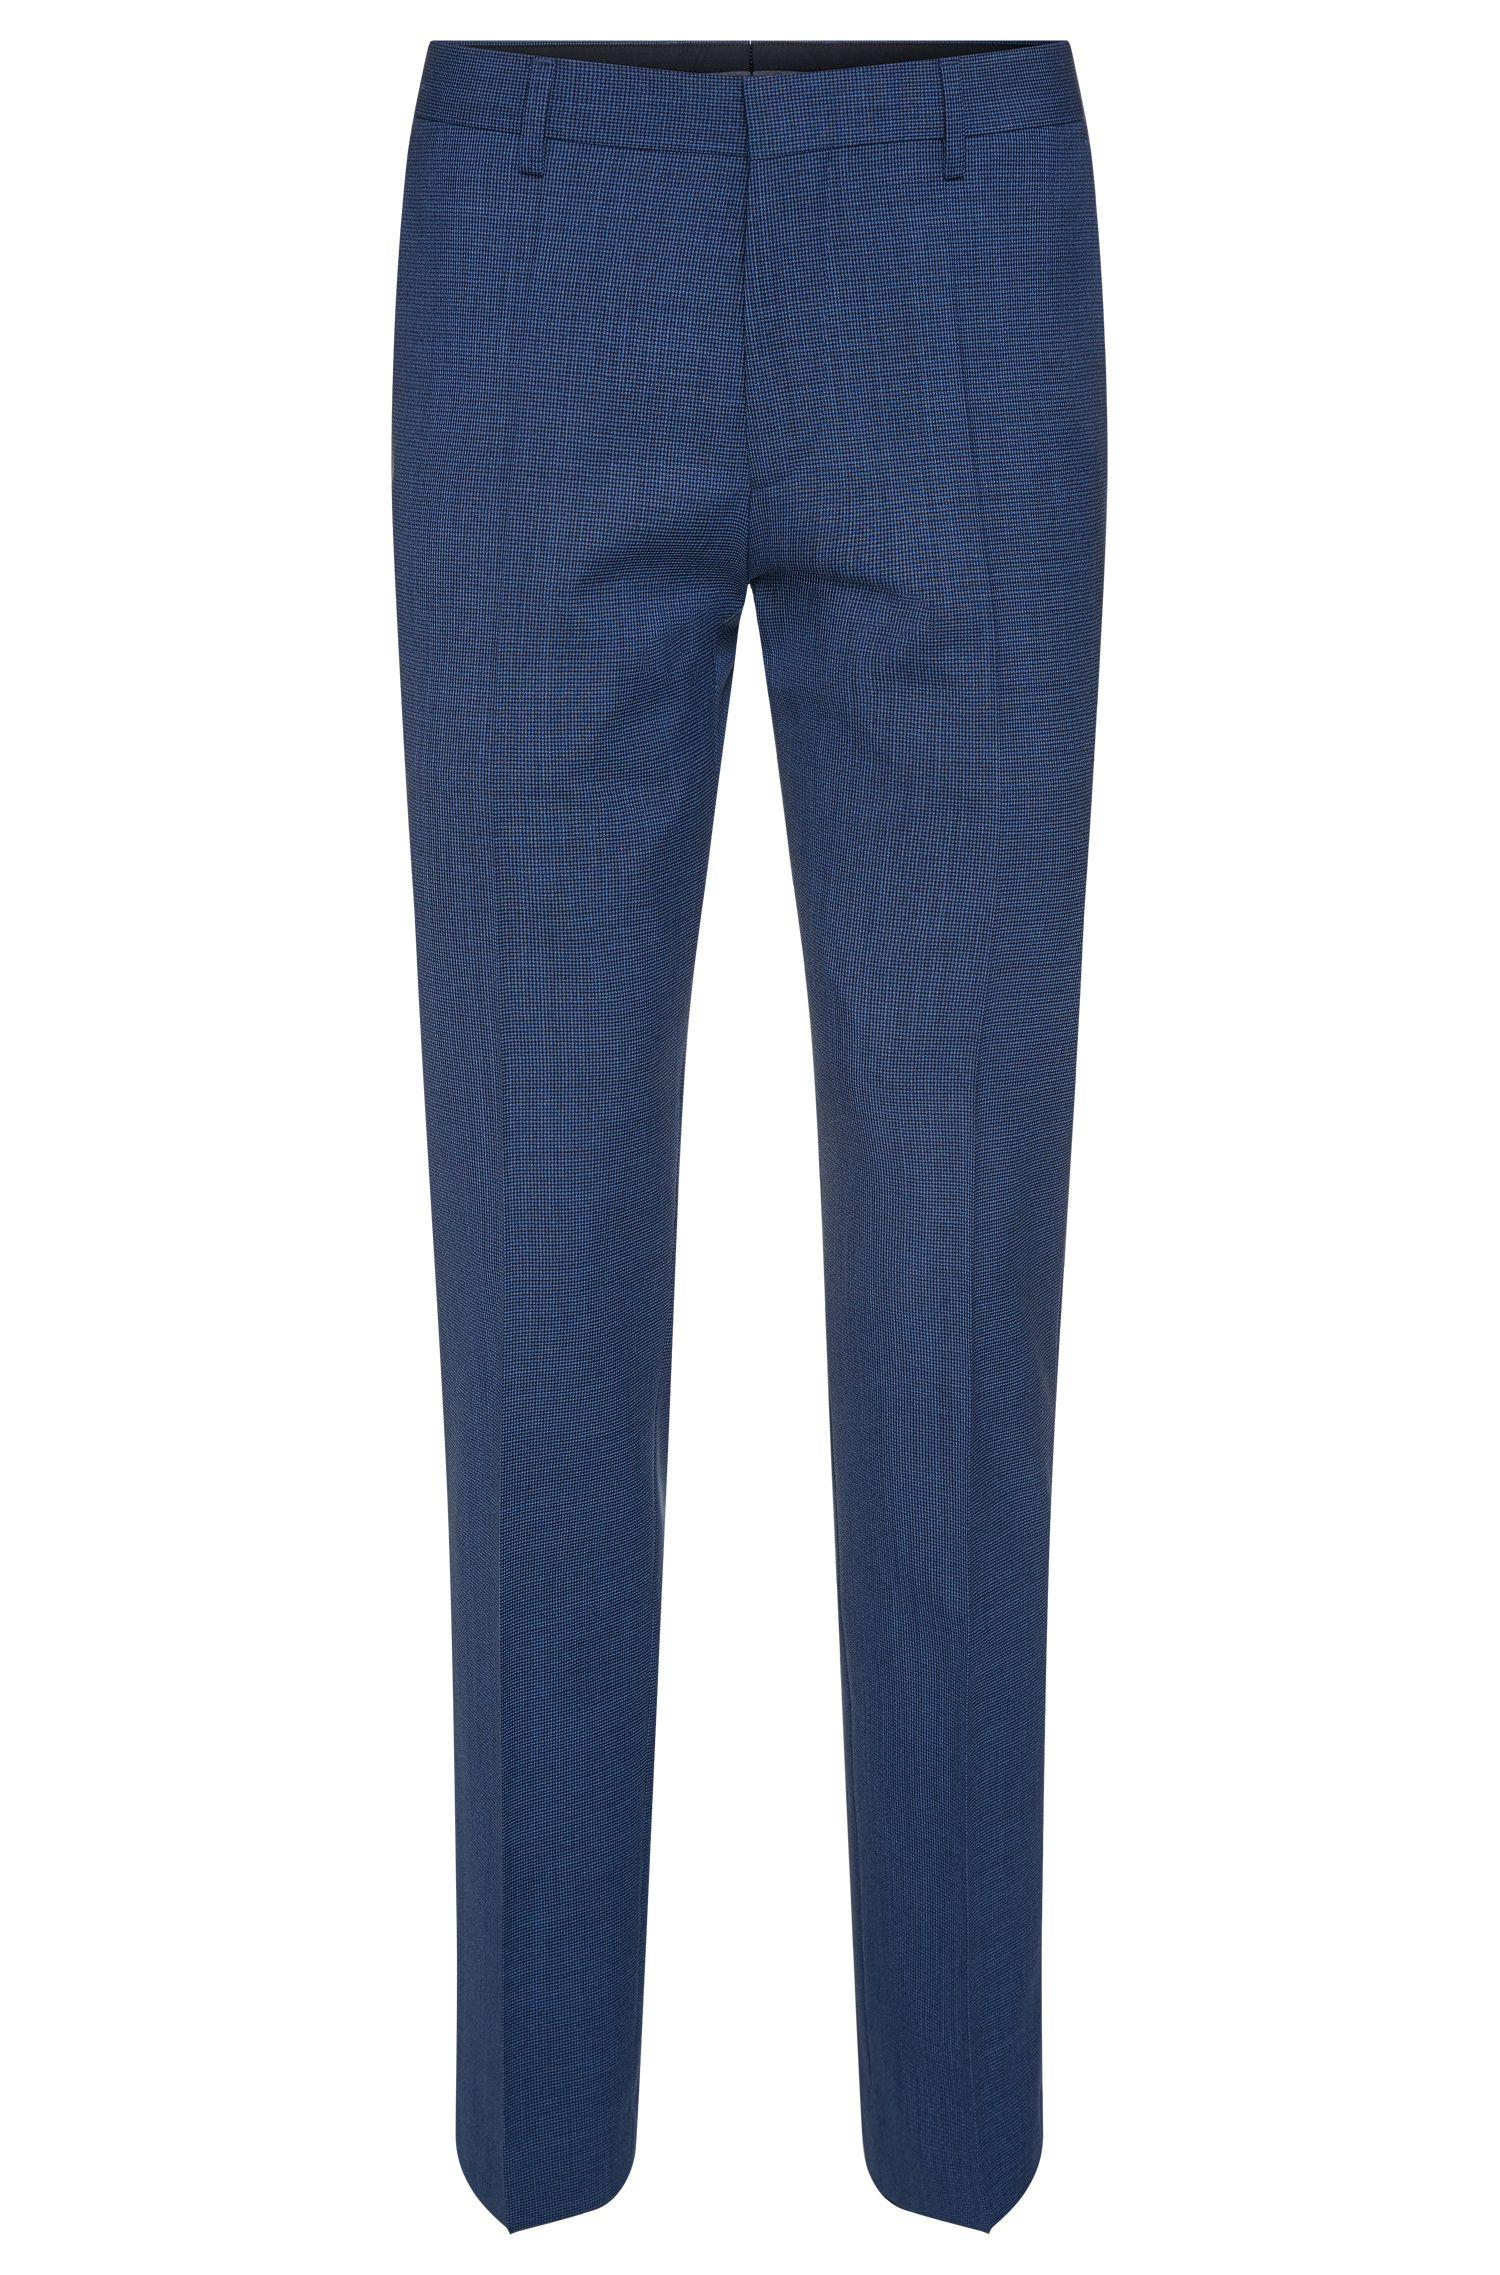 Virgin Wool Patterned Dress Pant, Slim Fit | Genesis